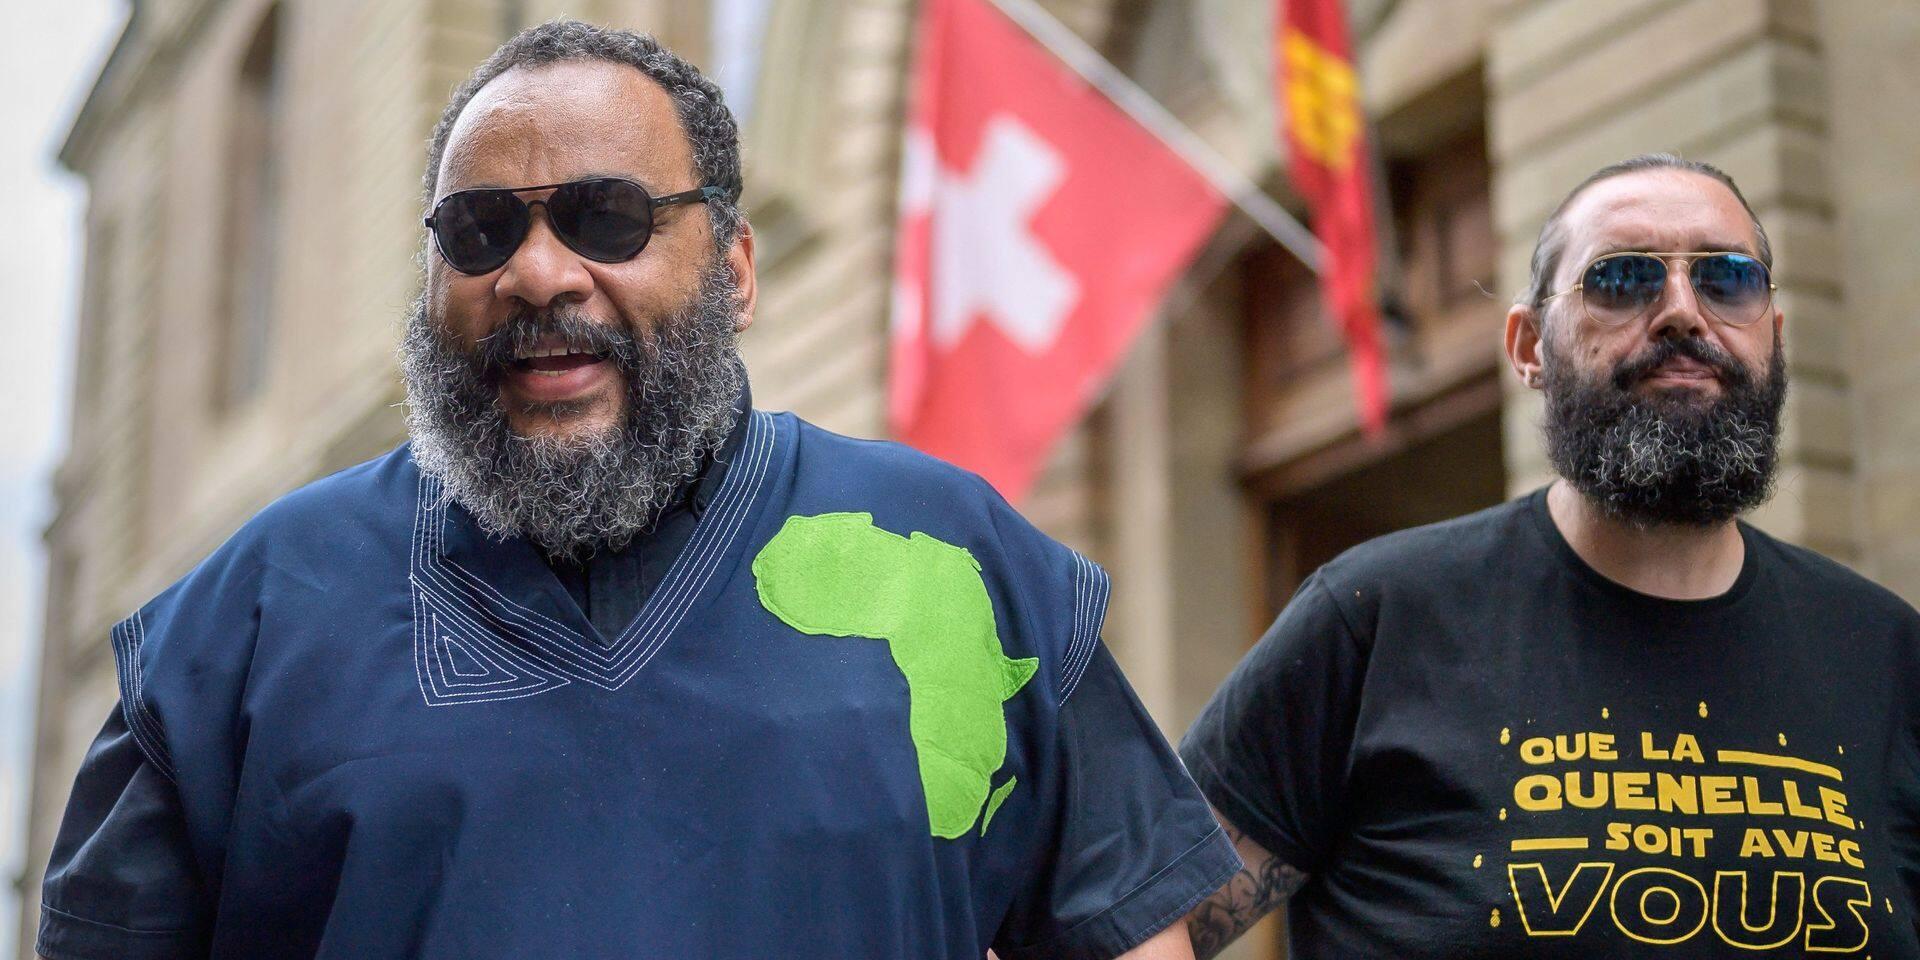 """Dieudonné condamné à une amende en Suisse pour """"discrimination raciale"""""""